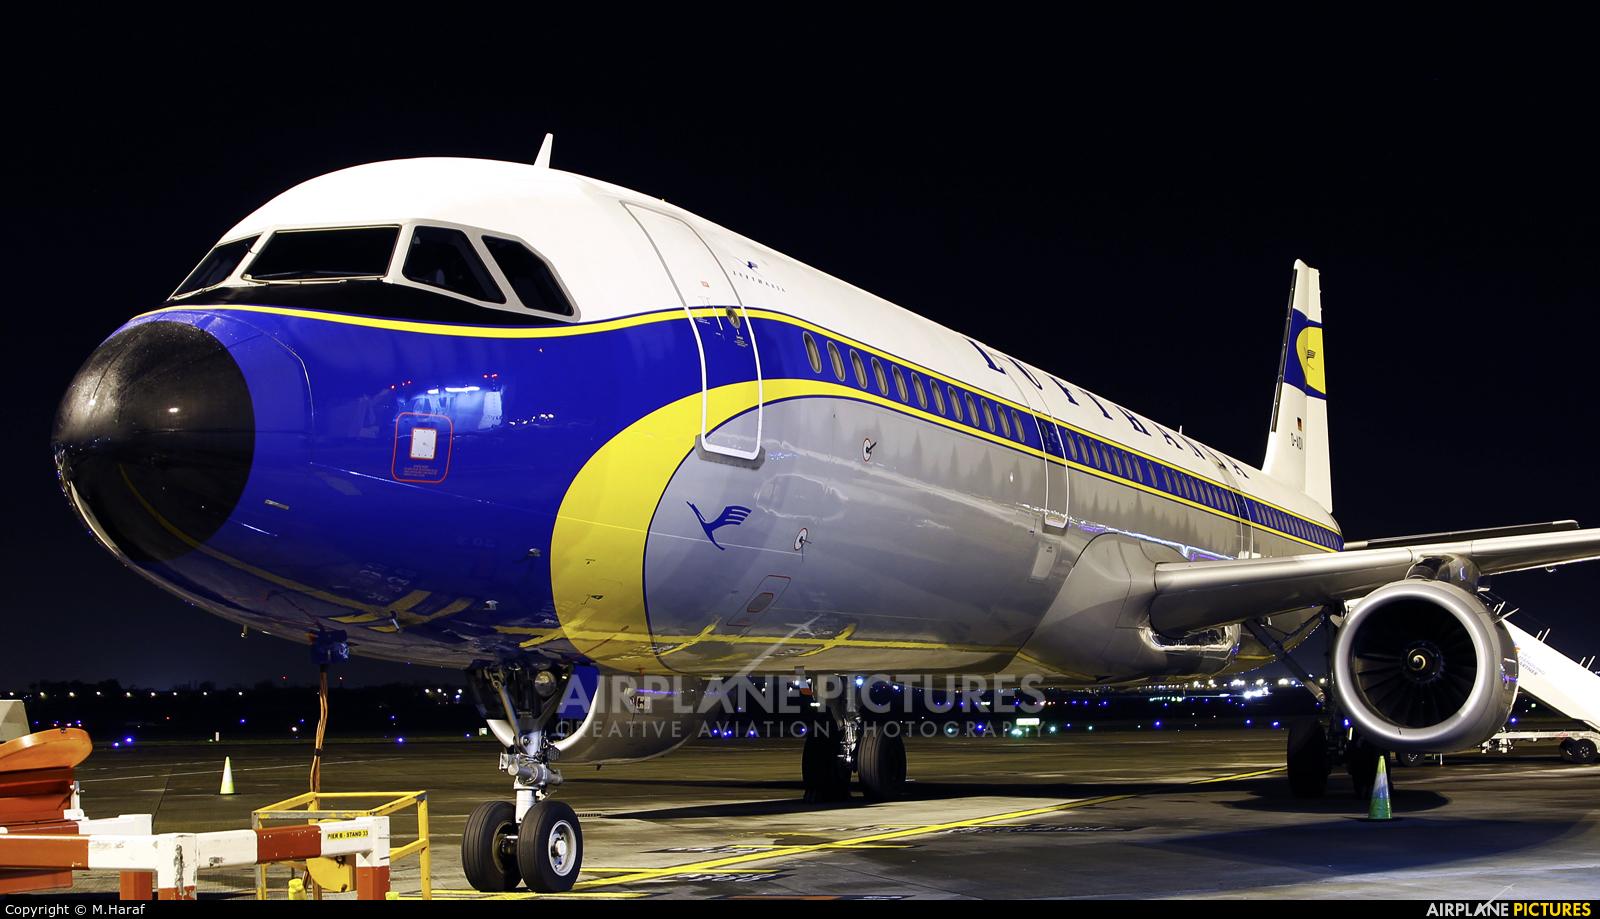 Lufthansa D-AIDV aircraft at Dublin